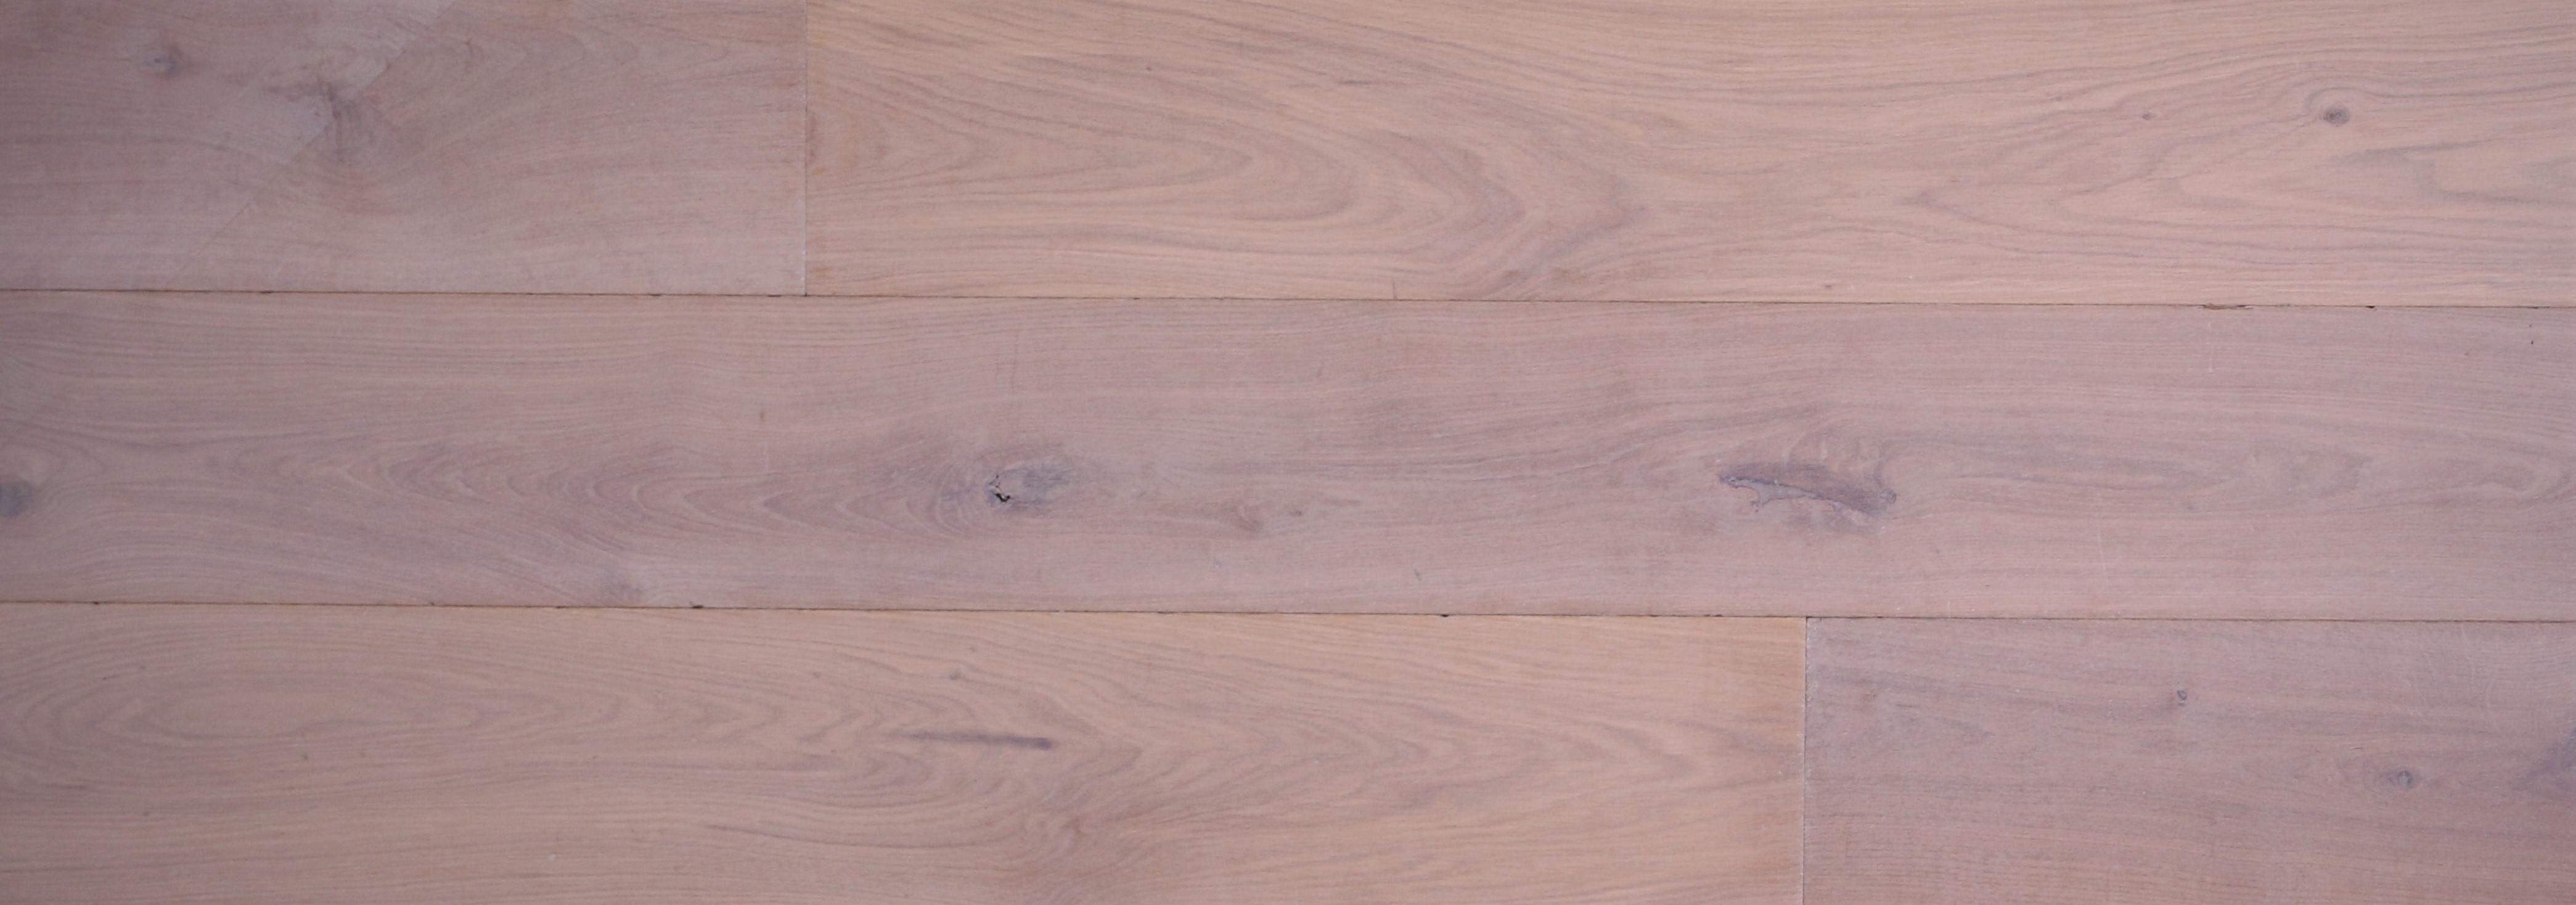 bois vieillis parquet chene vieilli blanchi larg180 99 ttc m planete parquets bois vieillis nantes